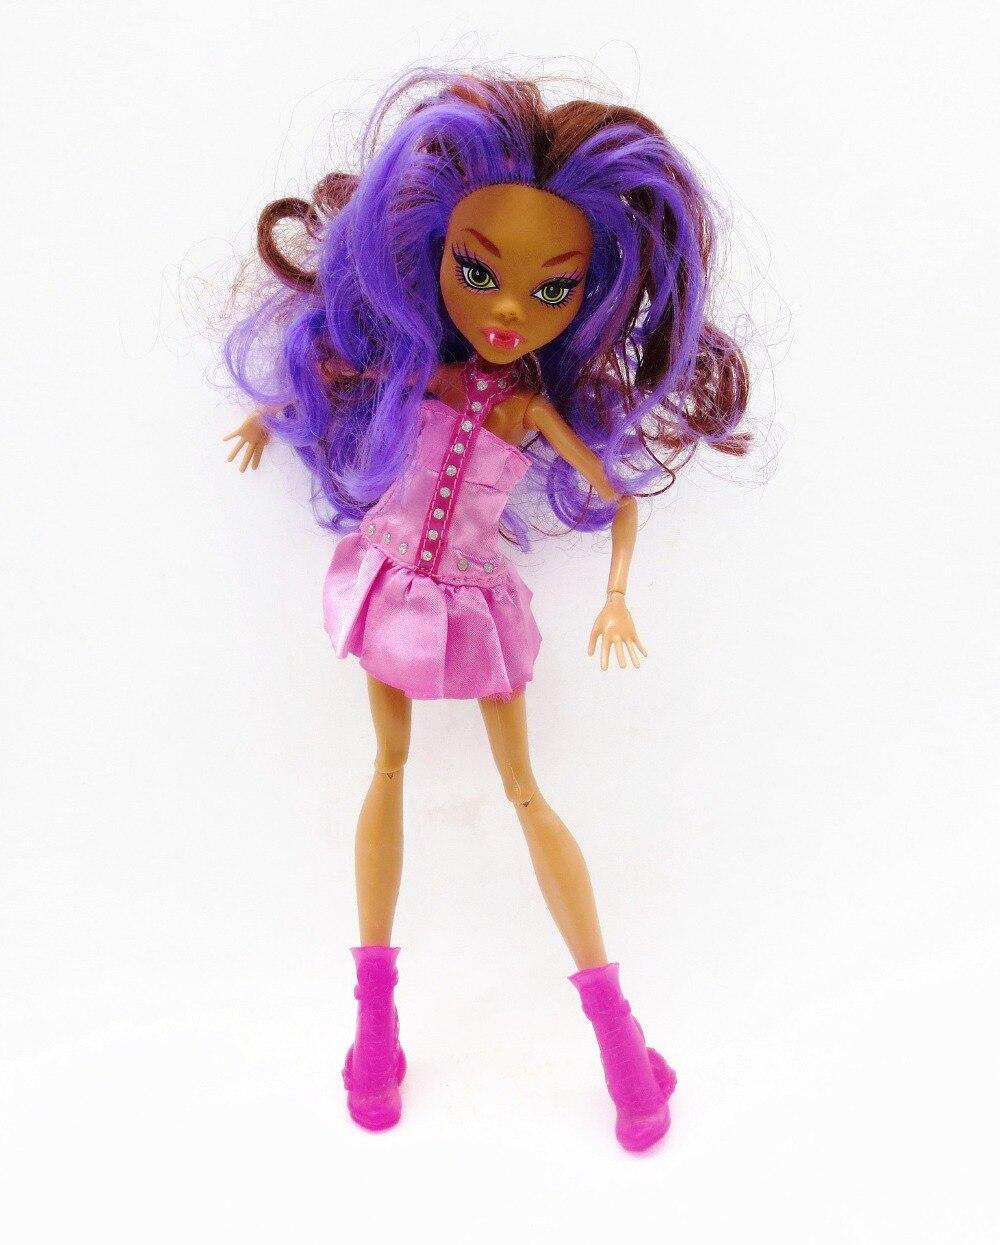 grossist Äkta barn barn bjd Doll Tillbehör amerikanska flickor - Dockor och tillbehör - Foto 6